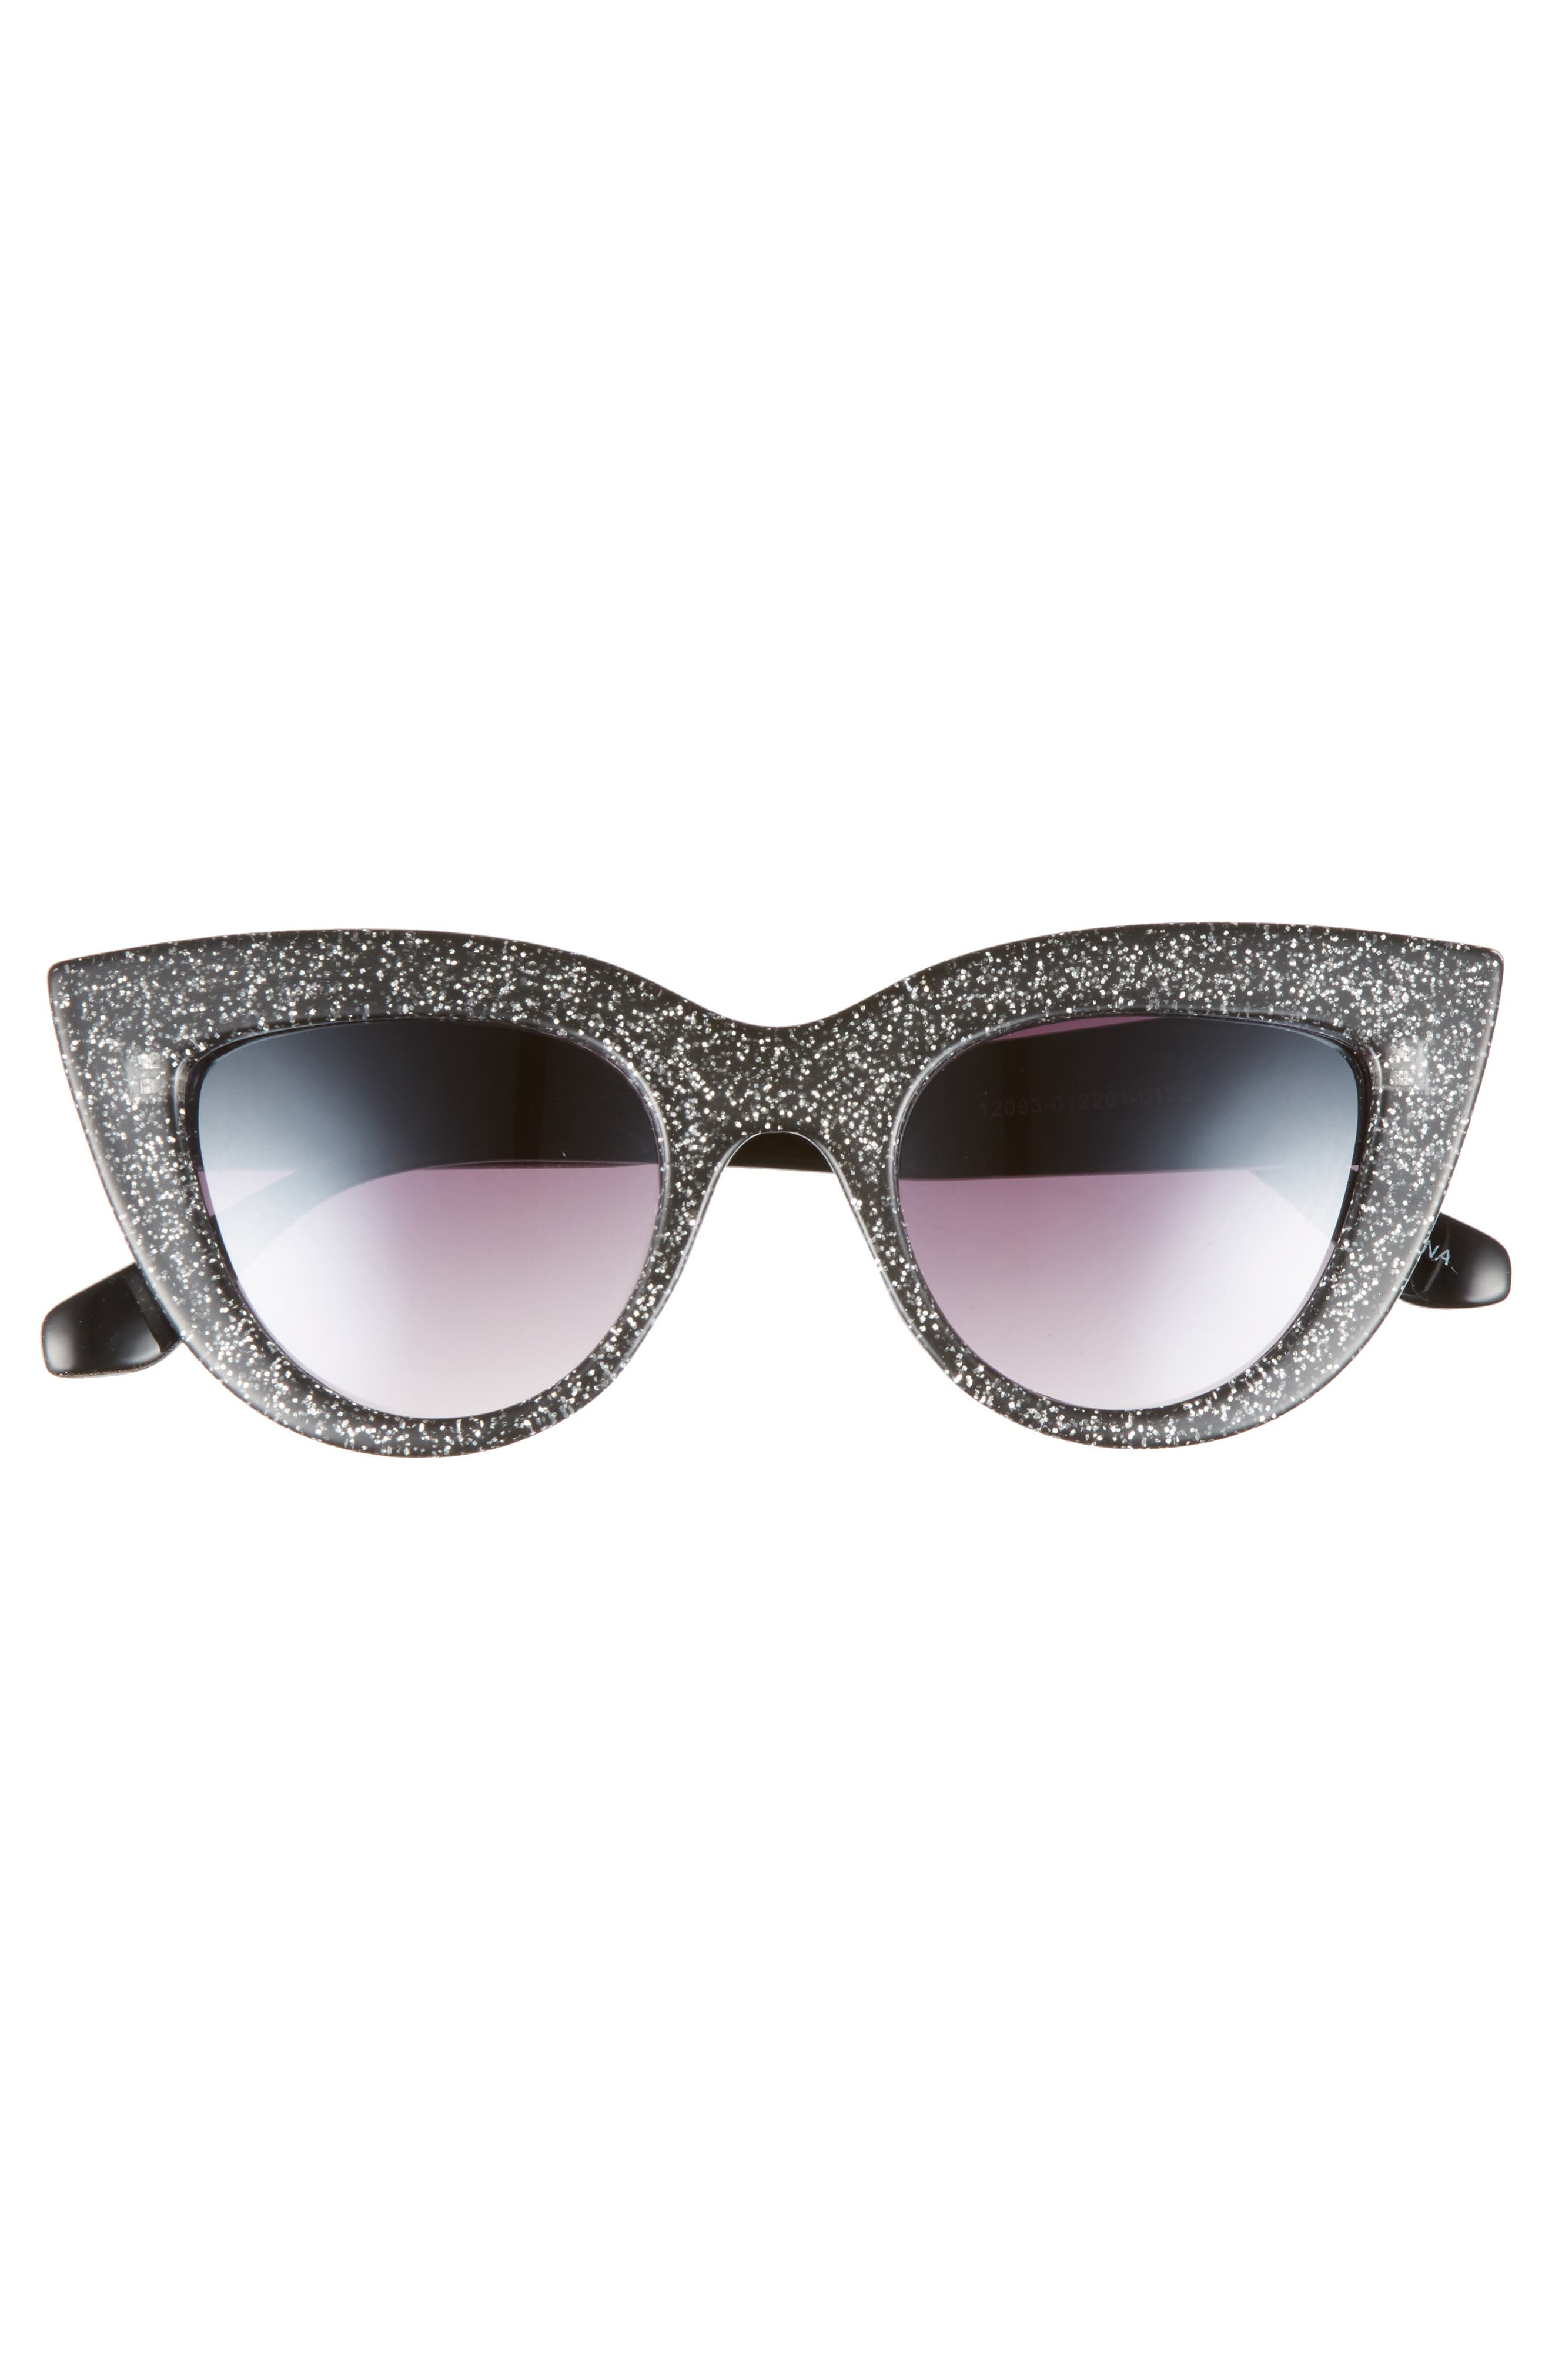 45mm Glitter Cat Eye Sunglasses,                             Alternate thumbnail 3, color,                             Black/ Silver